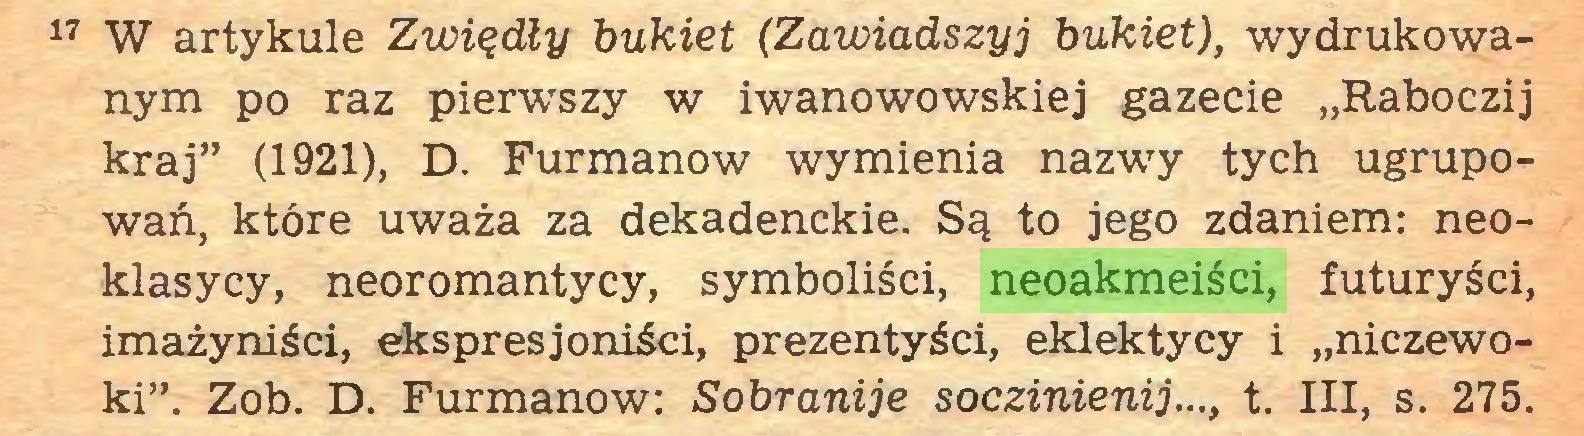 """(...) 17 W artykule Zwiędły bukiet (Zawiadszyj bukiet), wydrukowanym po raz pier-wszy w iwanowowskiej gazecie """"Raboczij kraj"""" (1921), D. Furmanów wymienia nazwy tych ugrupowań, które uważa za dekadenckie. Są to jego zdaniem: neoklasycy, neoromantycy, symboliści, neoakmeiści, futuryści, imażyniści, ekspresjoniści, prezentyści, eklektycy i """"niczewoki"""". Zob. D. Furmanów: Sobranije soczinienij..., t. III, s. 275..."""